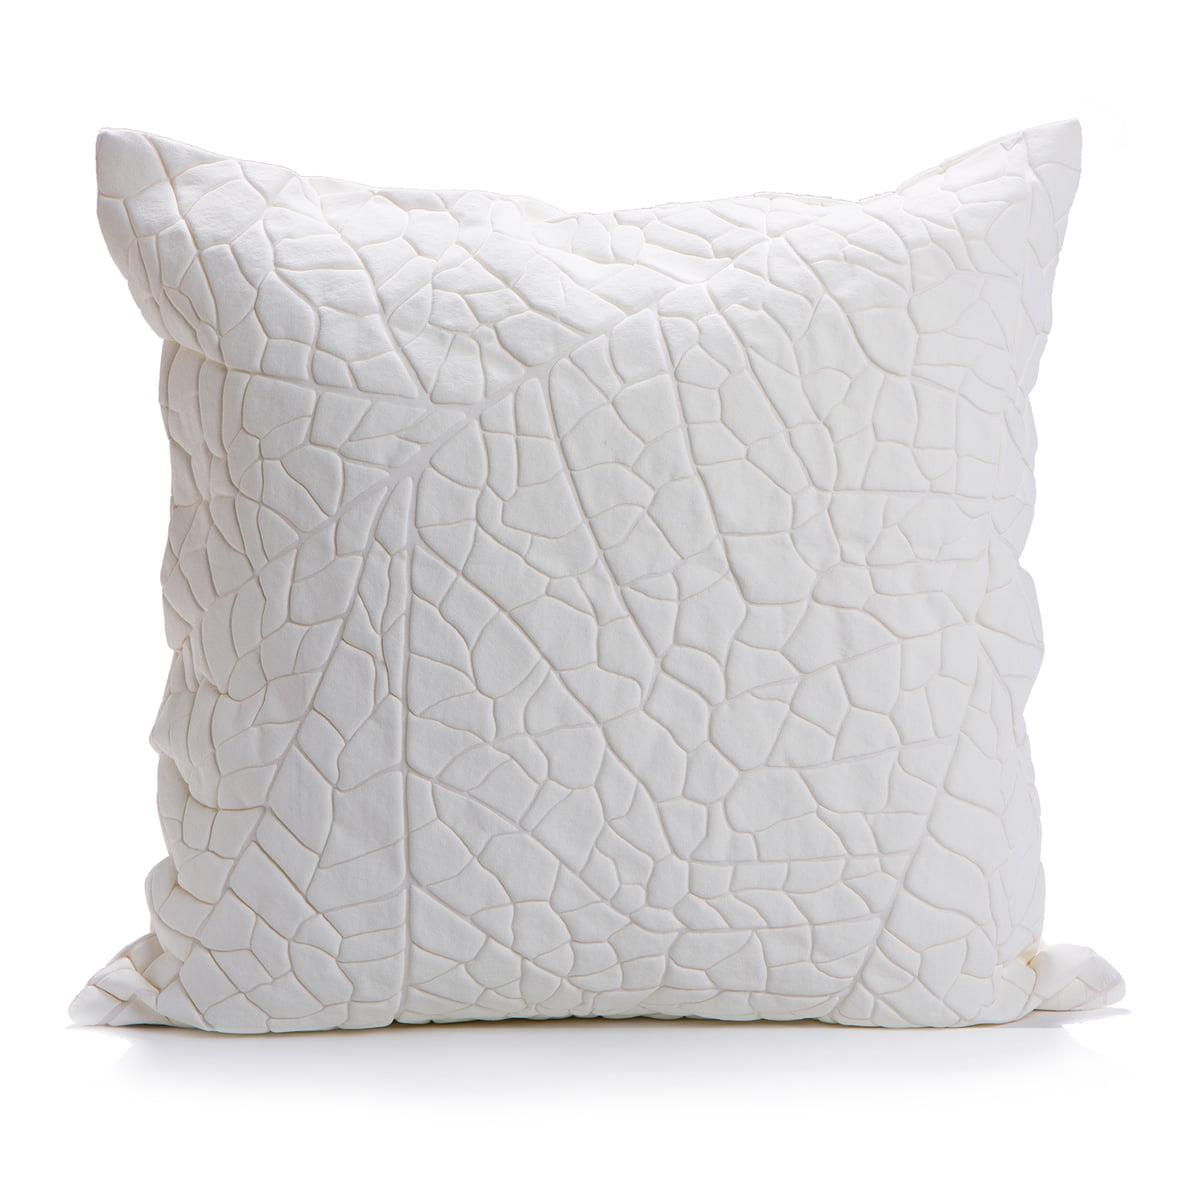 Mika Barr Vein Cushion Cover 50 X 50 Cm White